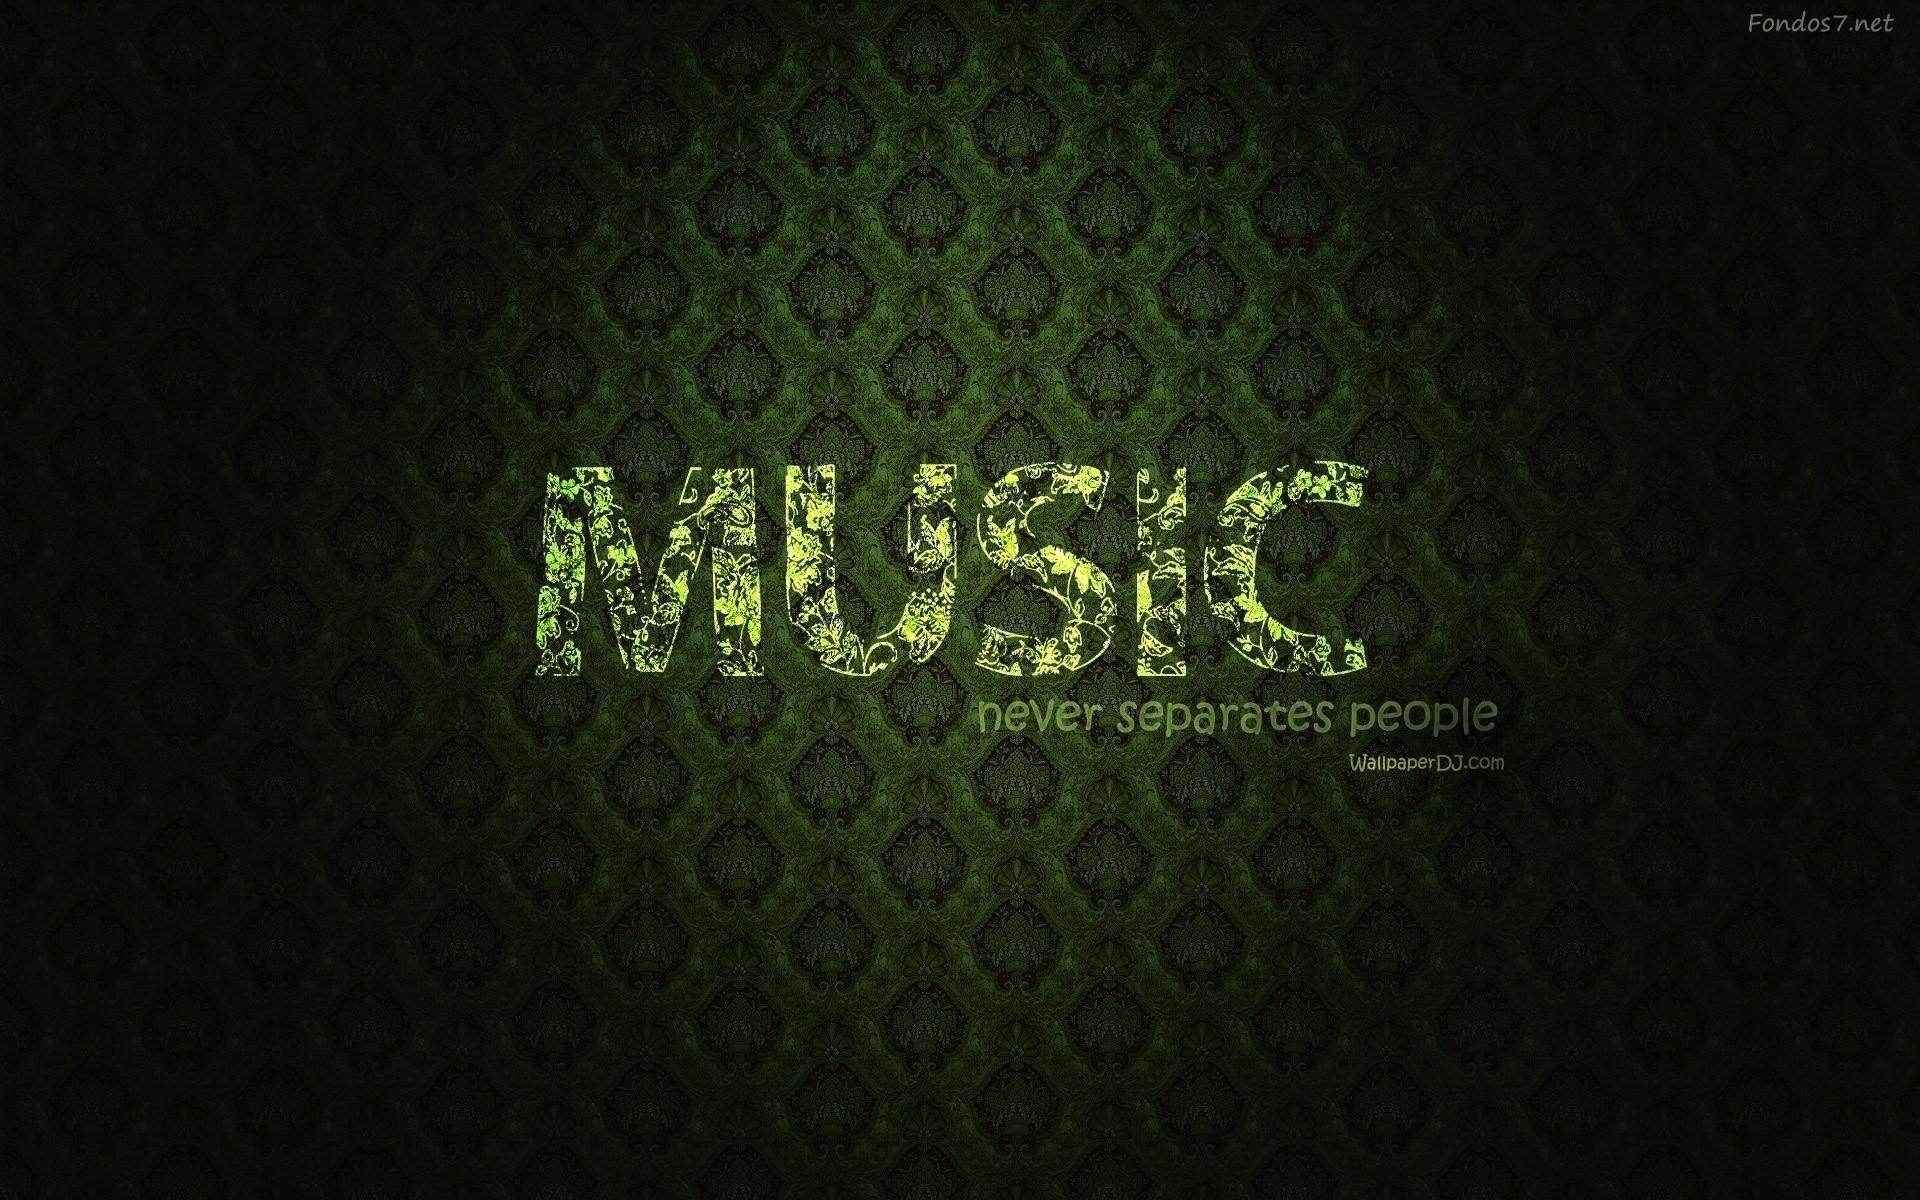 Pin Music 3d Hd Wallpapers Desktop On Pinterest 1920x1200